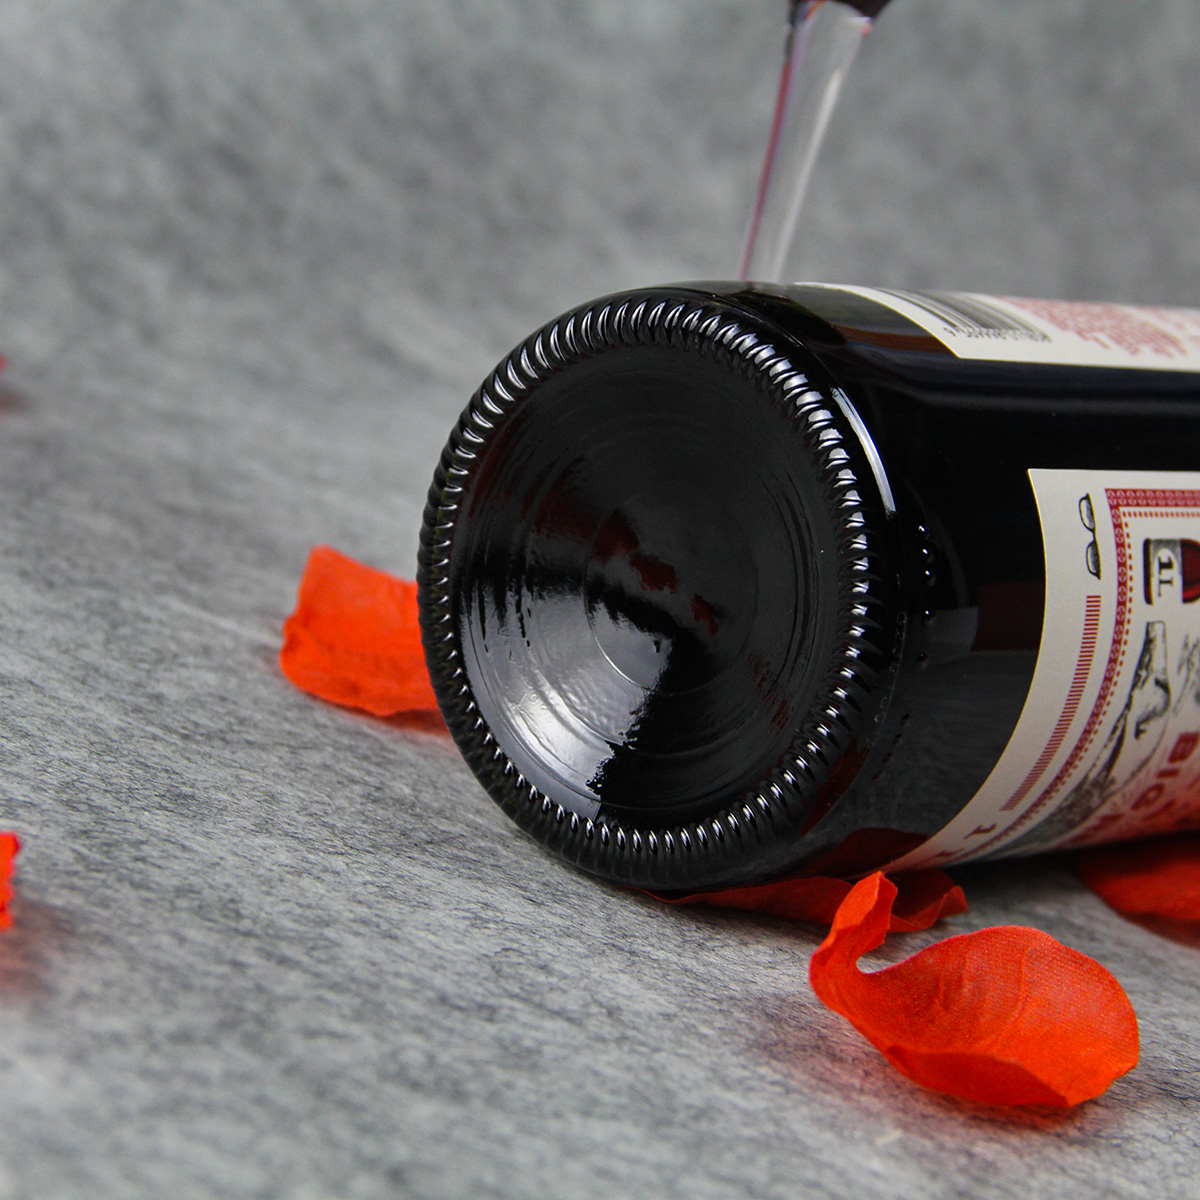 澳大利亚南澳澳思酒庄混酿红袋鼠干红葡萄酒